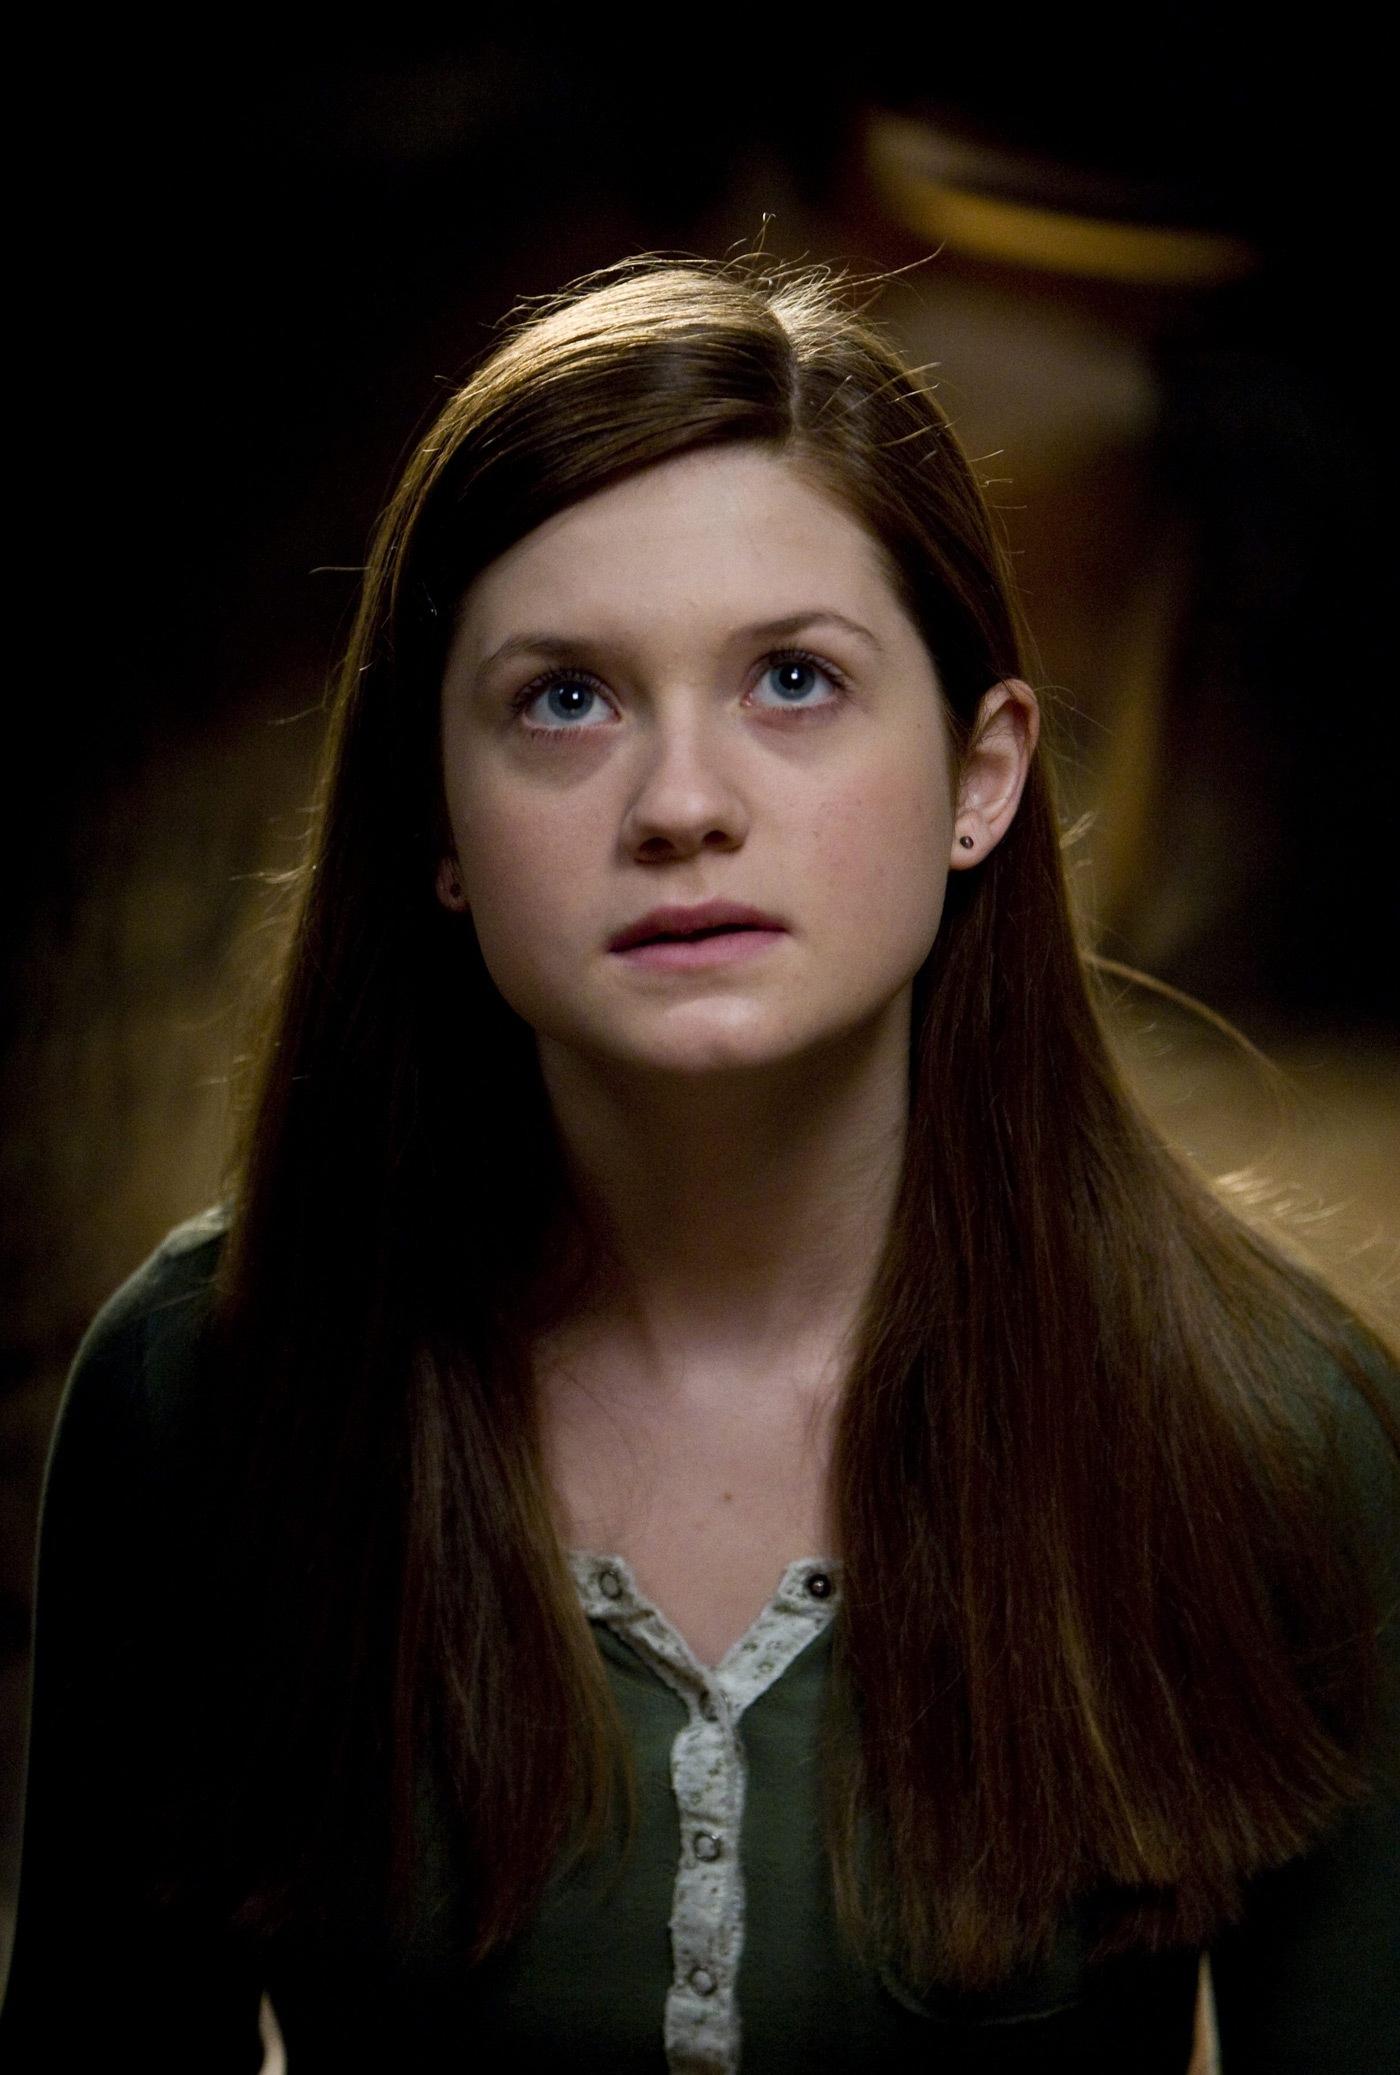 Ginny harrypotter6 stills020.jpg